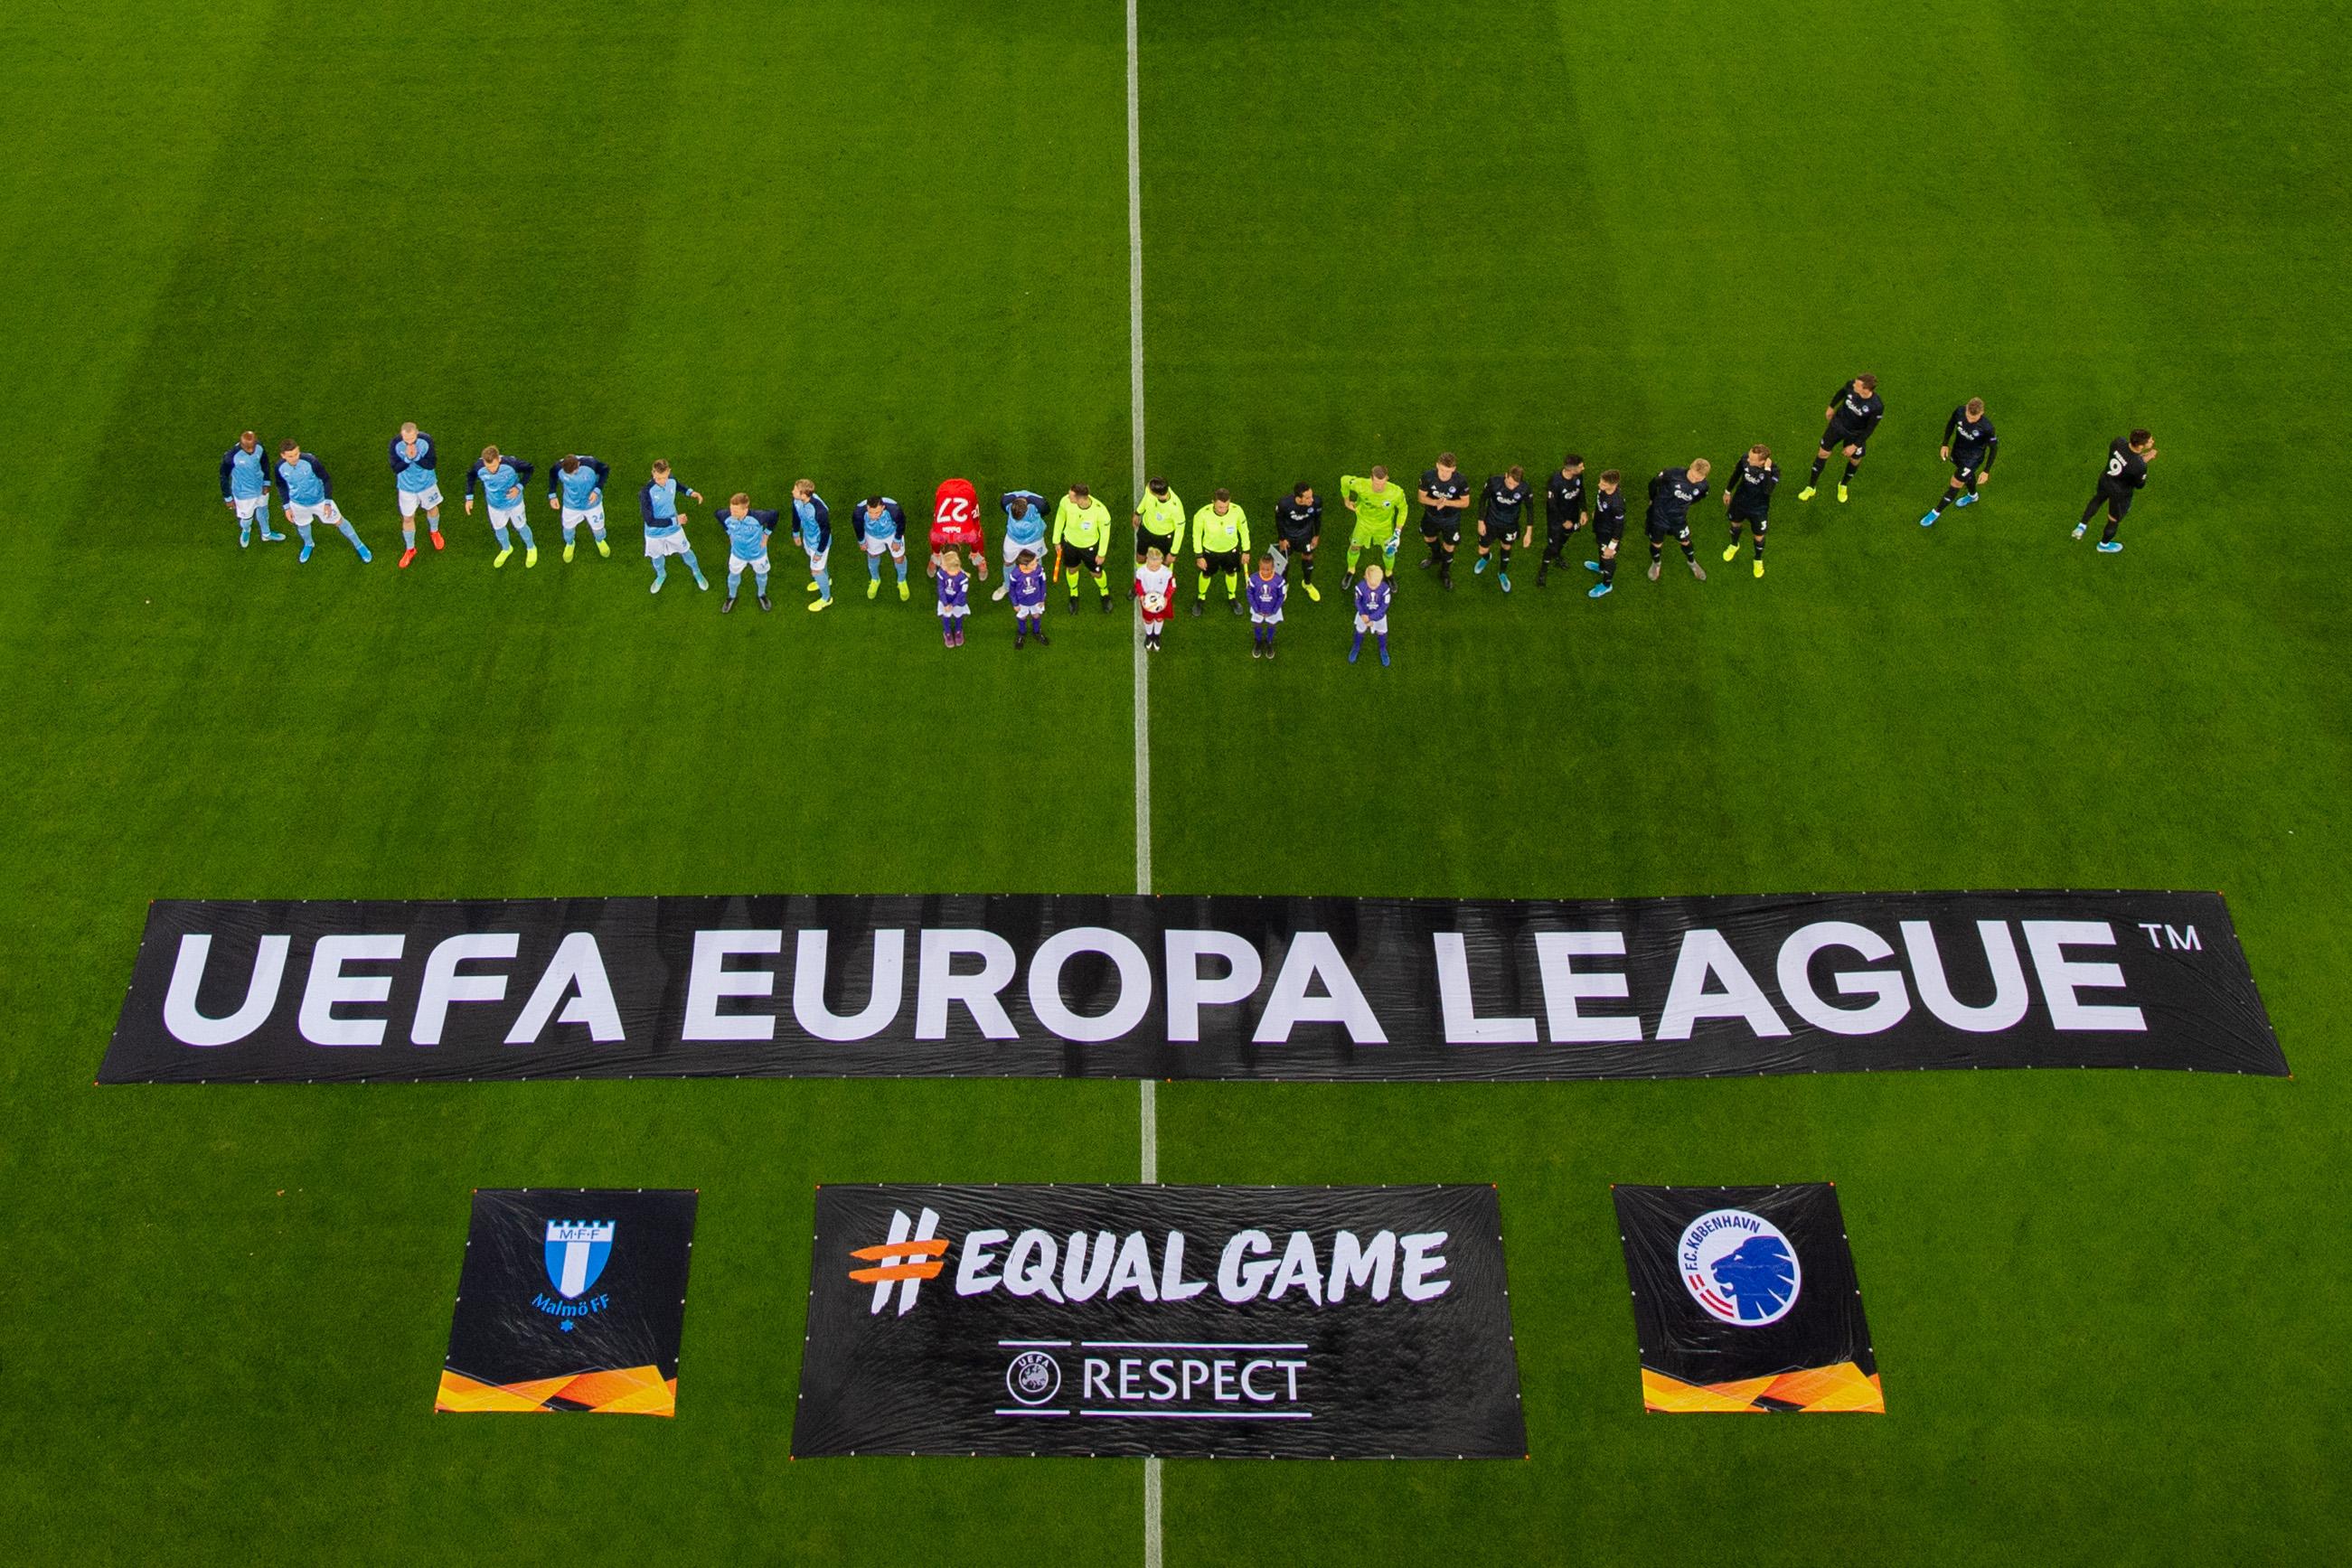 UEFA Europa League Past Winners List (1972-2019)